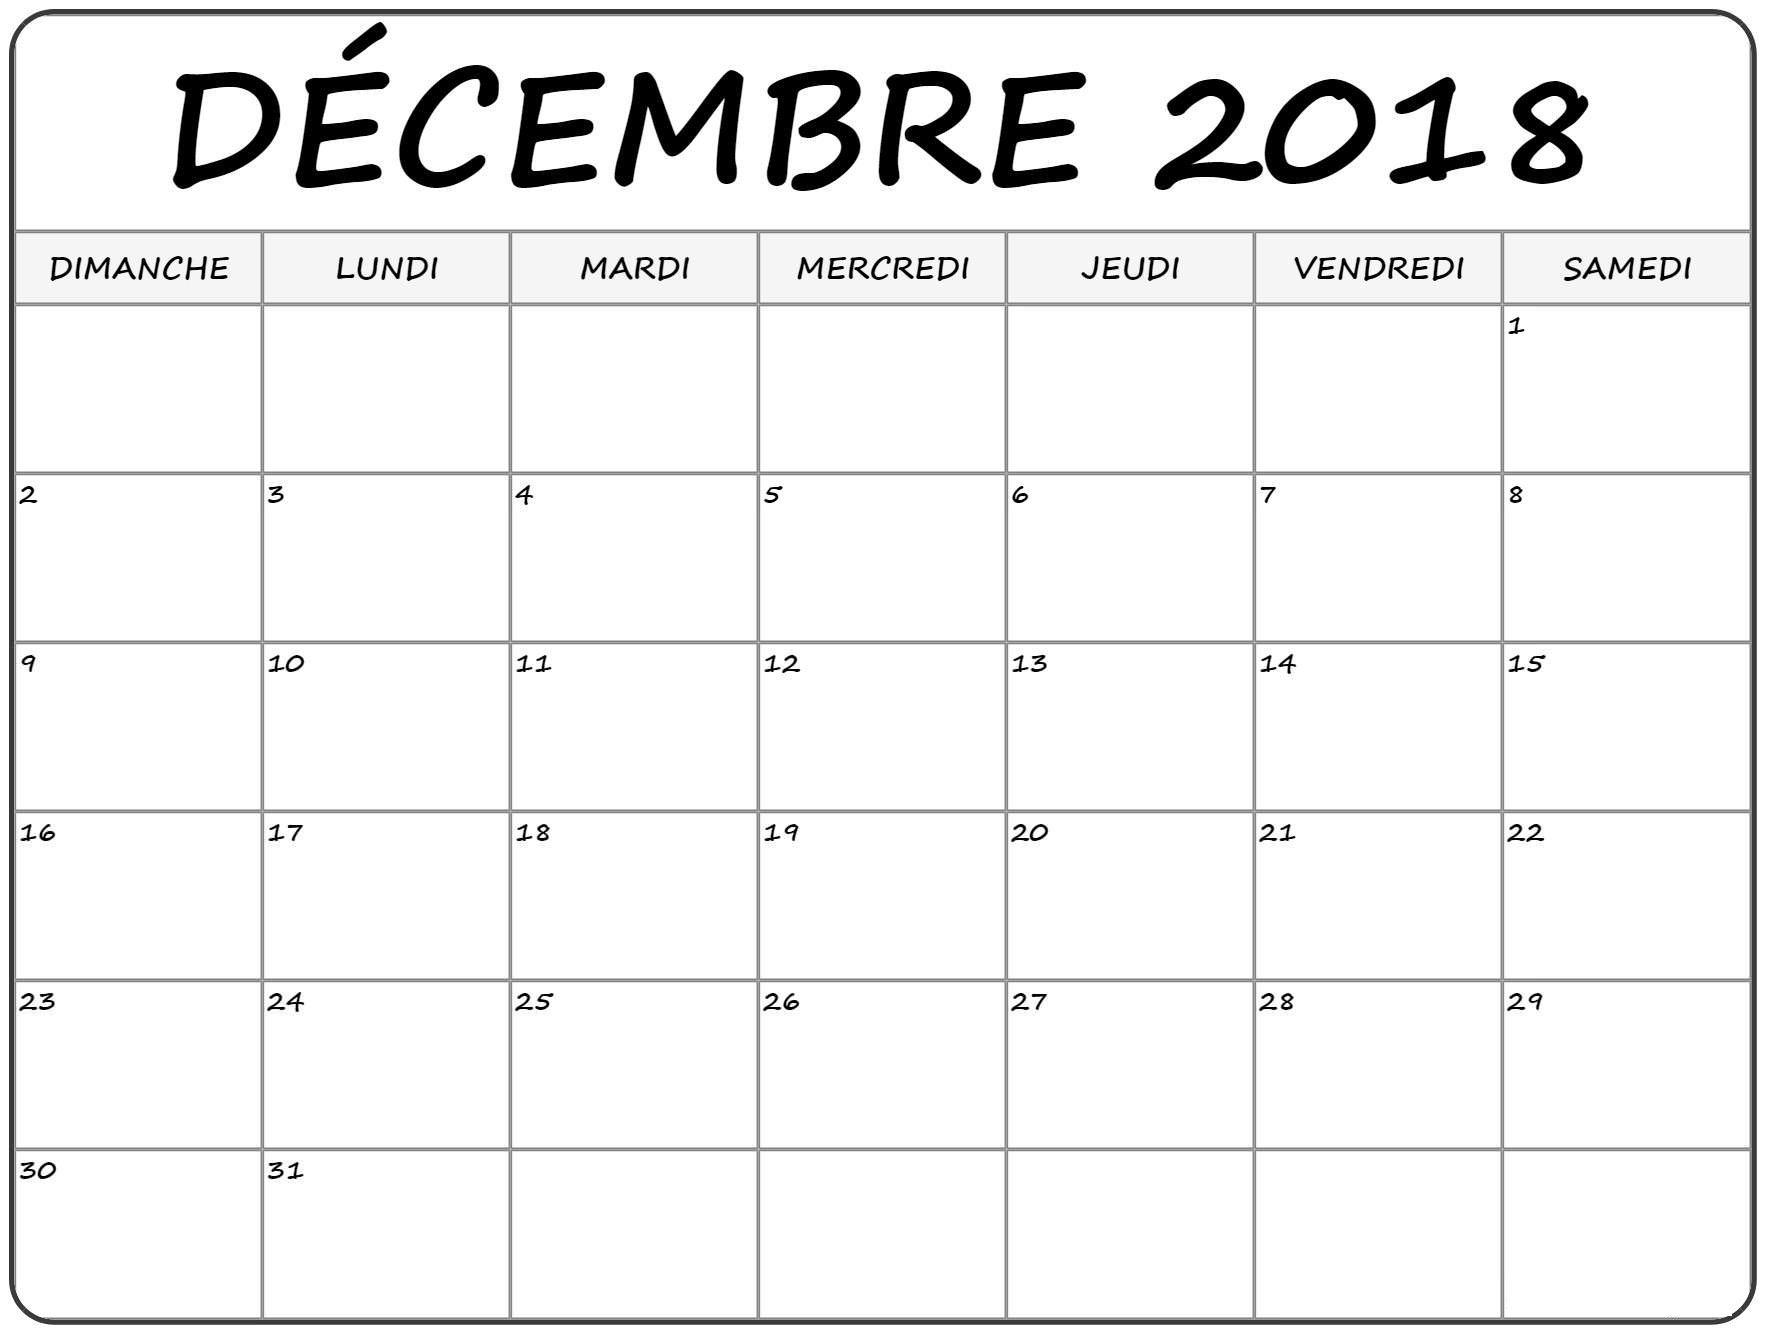 Calendrier Décembre 2018 | Word Search Puzzle, Calendar, Words à Planning Annuel 2018